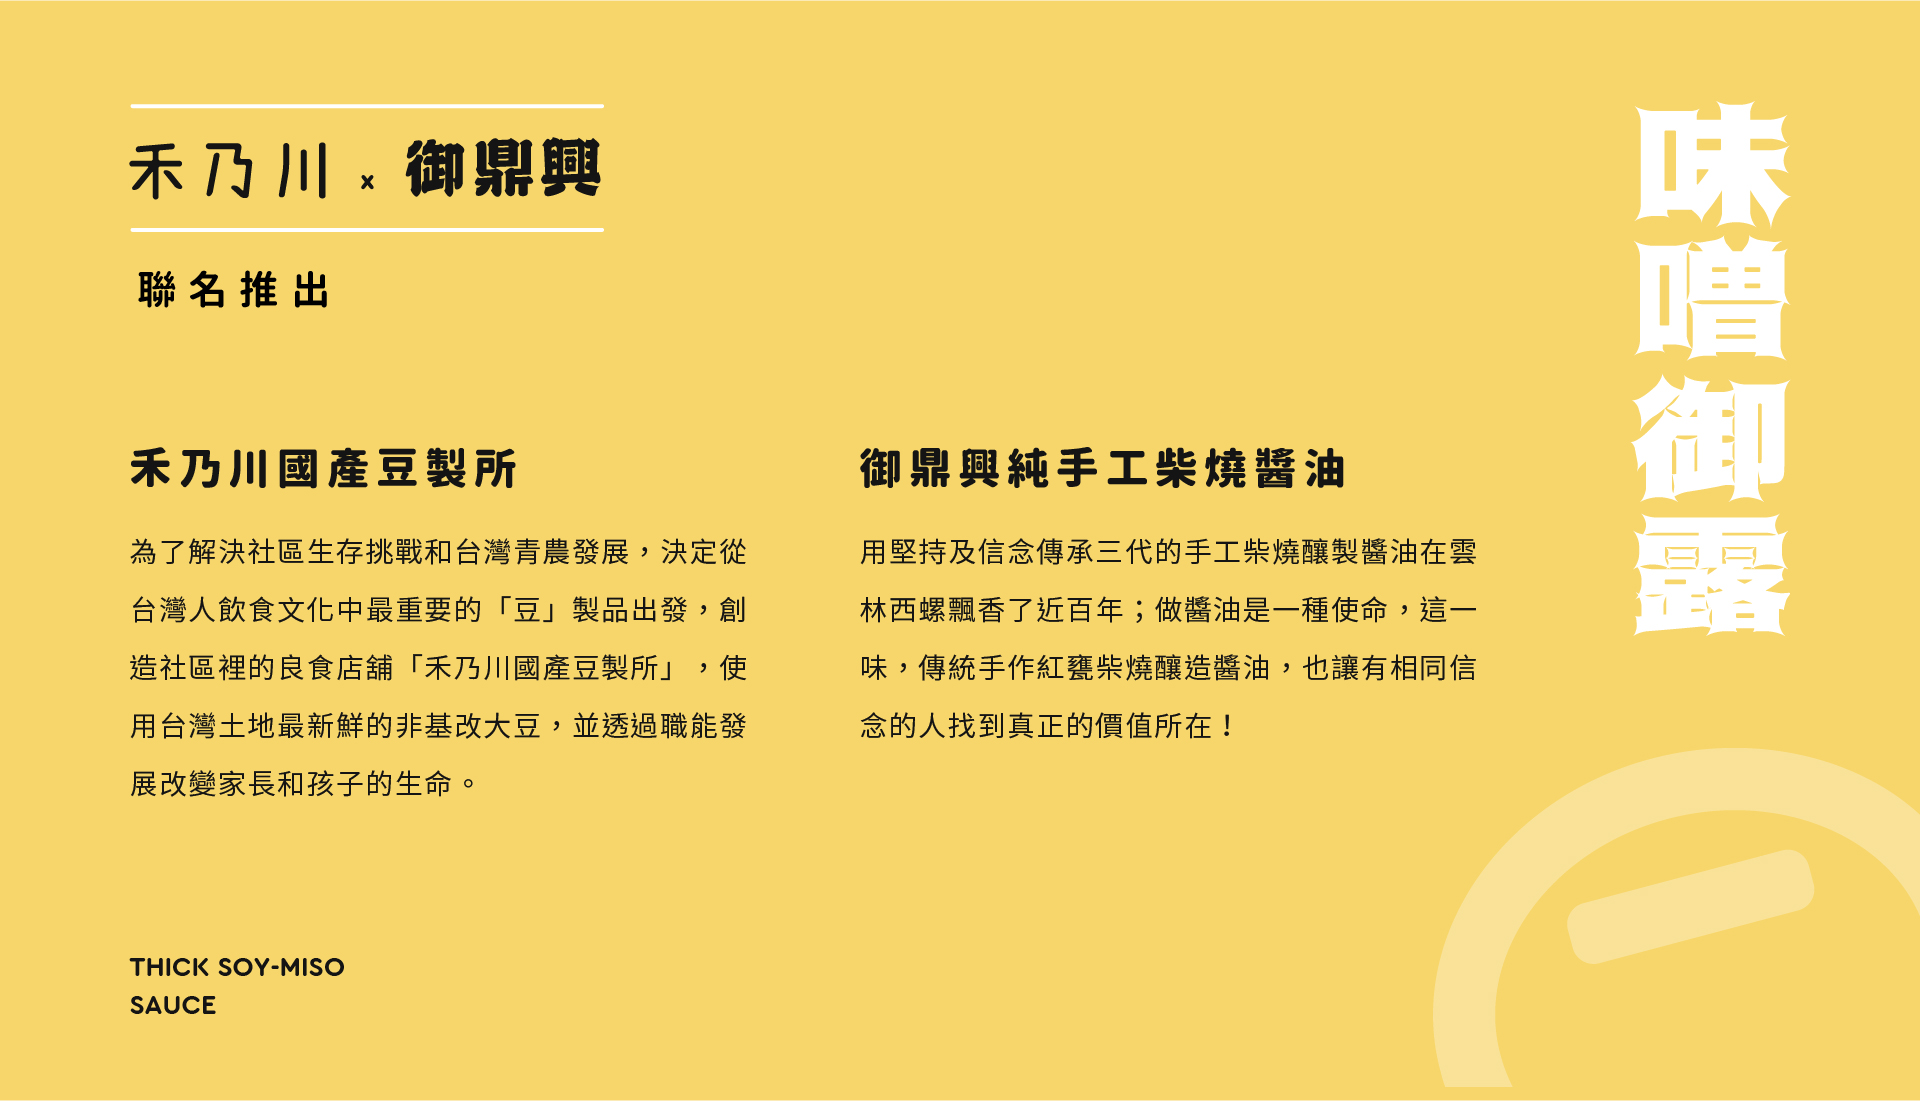 禾乃川國產豆製所  為了解決社區生存挑戰和台灣青農發展,決定從台灣人飲食文化中最重要的「豆」製品出發,創造社區裡的良食店鋪「禾乃川國產豆製所」,所用台灣土地最新鮮的非基改大豆,並透過職能發展改變家長和孩子的生命。    御鼎興純手工柴燒醬油  用堅持與信念傳承三代的手工柴燒釀製醬油在雲林西螺飄香了近百年;做醬油是一種使命,這一味,傳統手作紅甕柴燒釀造醬油,也讓有相同信念的人找到真正的價值所在!